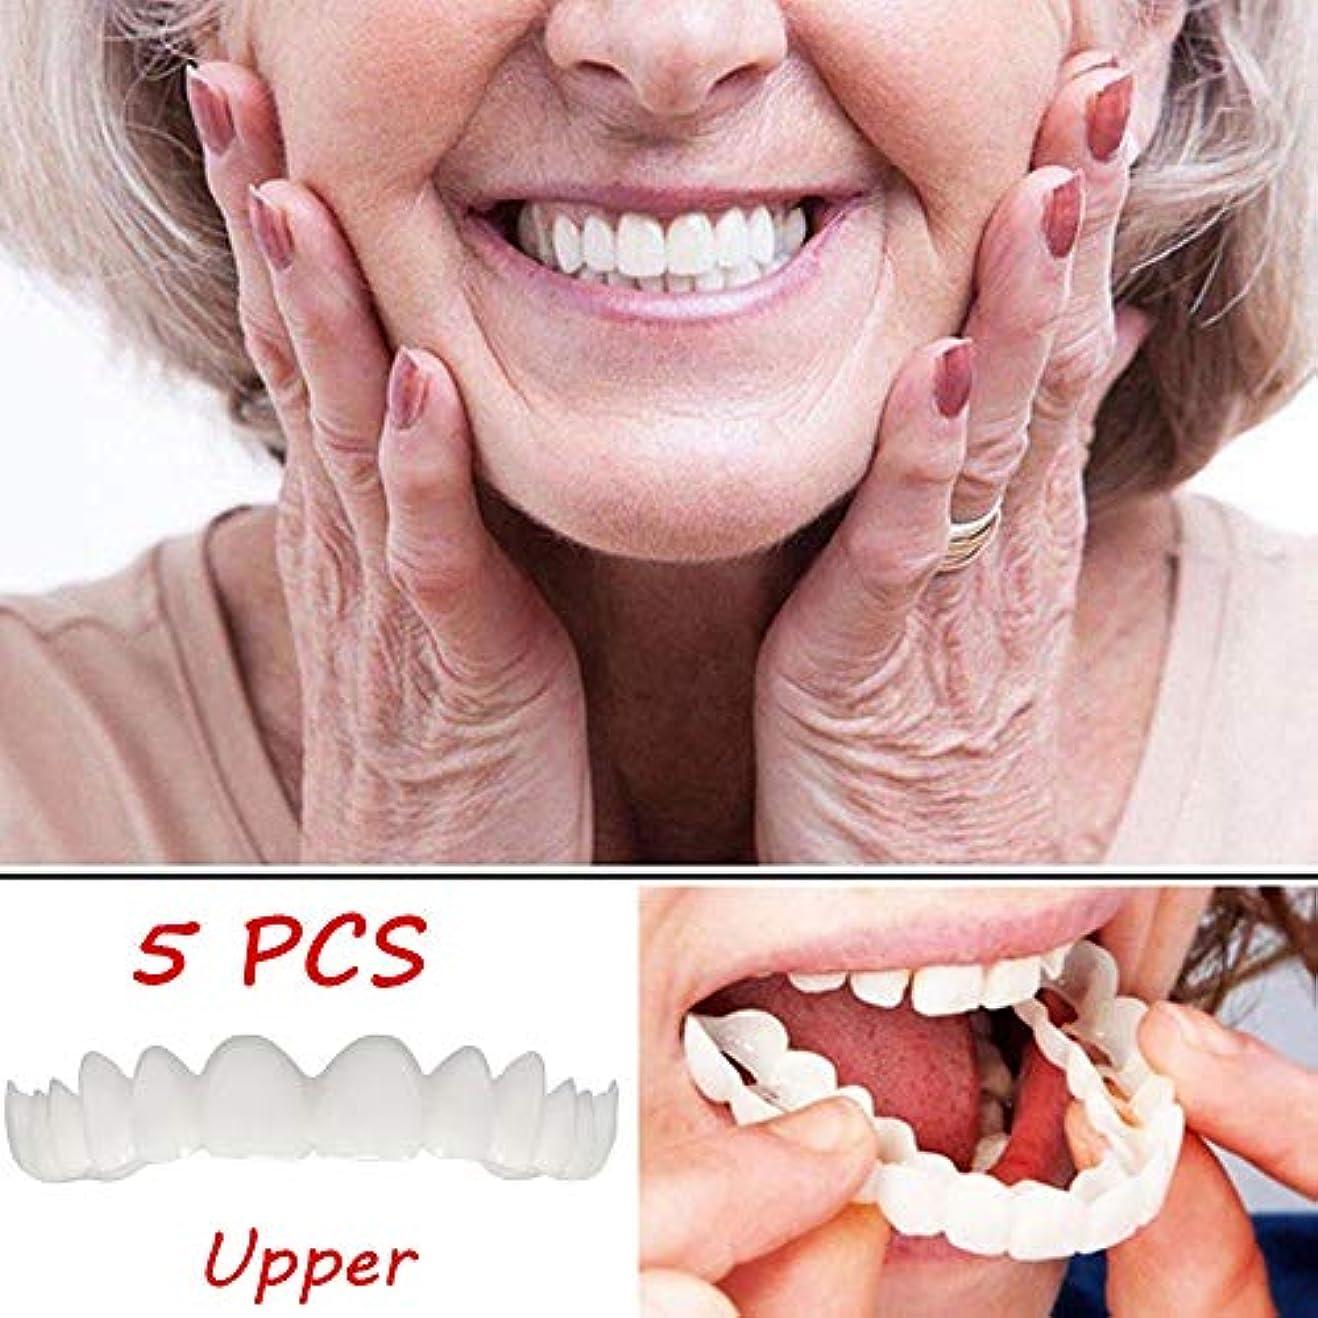 明確にディレイエジプト人快適なベニヤの歯は一時的に歯の上の歯の1つのサイズを白くする5 PCSを微笑みますほとんどの人々の美の歯のシミュレーションの歯の義歯の心配に合います